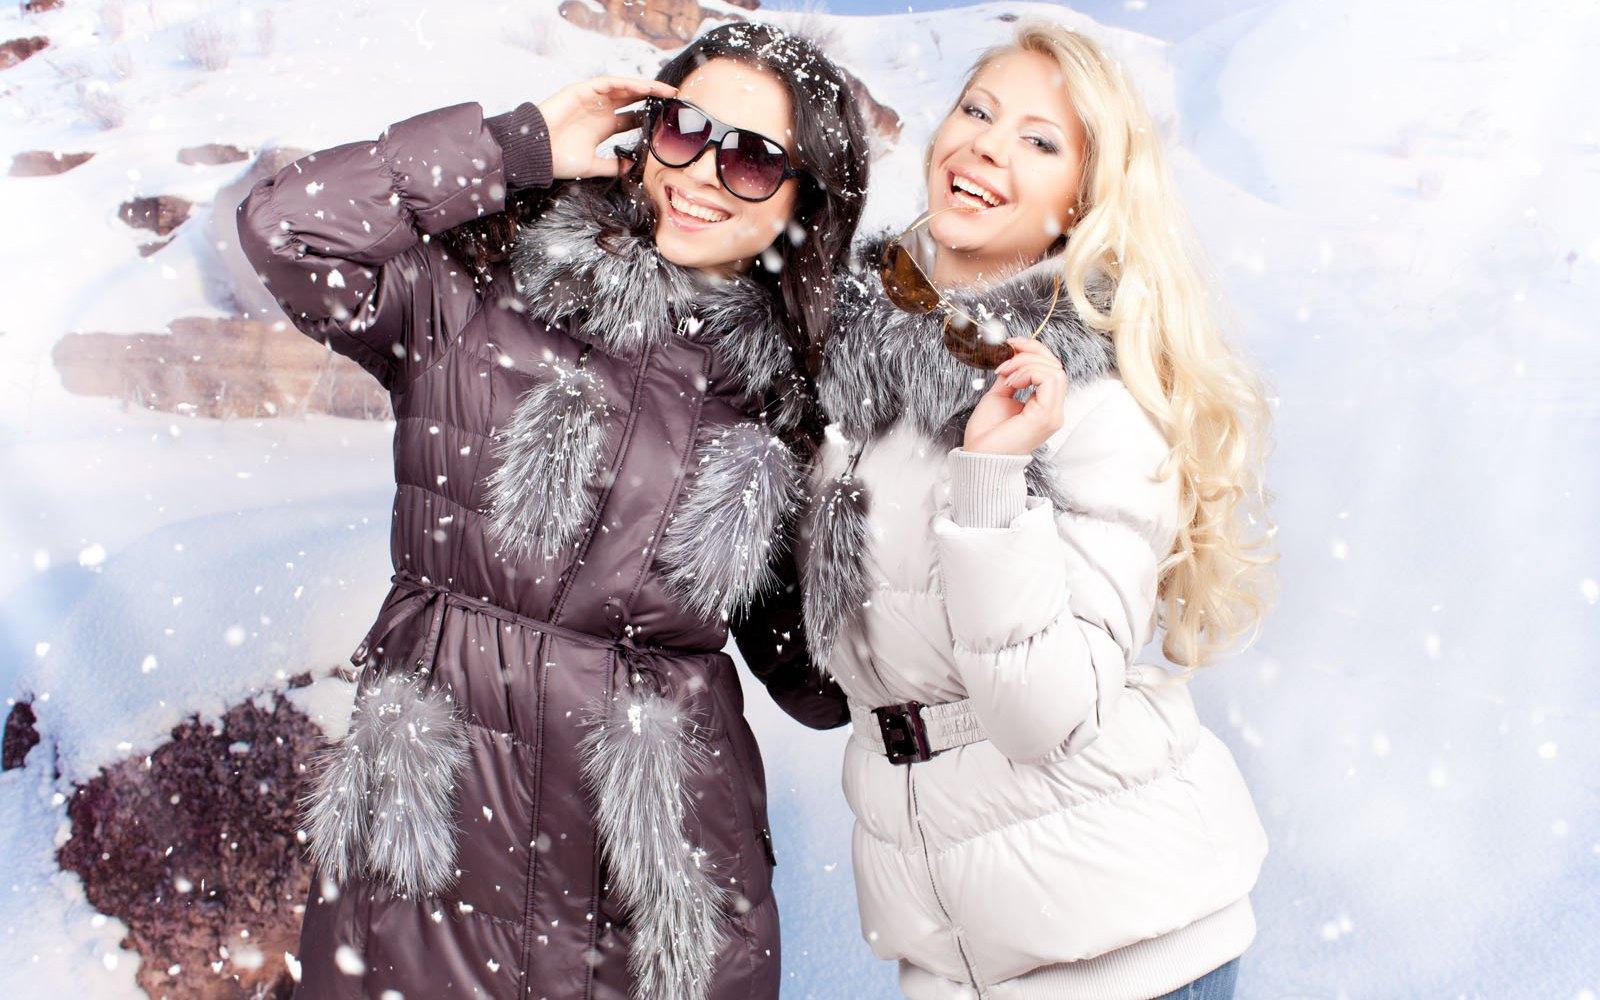 Ирина Шейк и Криштиану Роналду без цензуры, фото